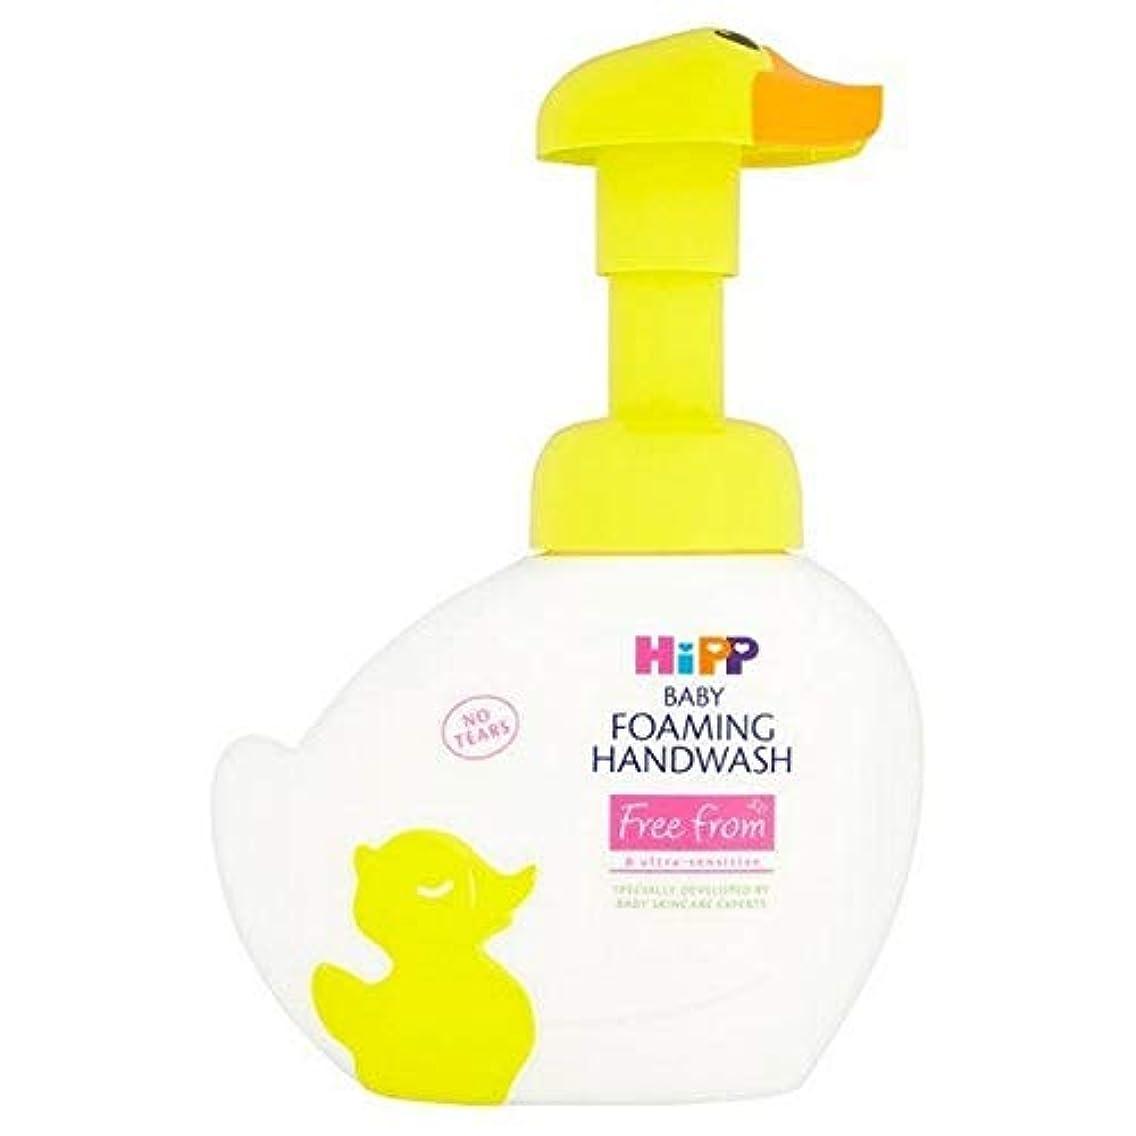 考えた殺人不一致[Hipp ] ヒップ自由手洗いの250ミリリットルを発泡から - HiPP Free From Foaming Handwash 250ml [並行輸入品]